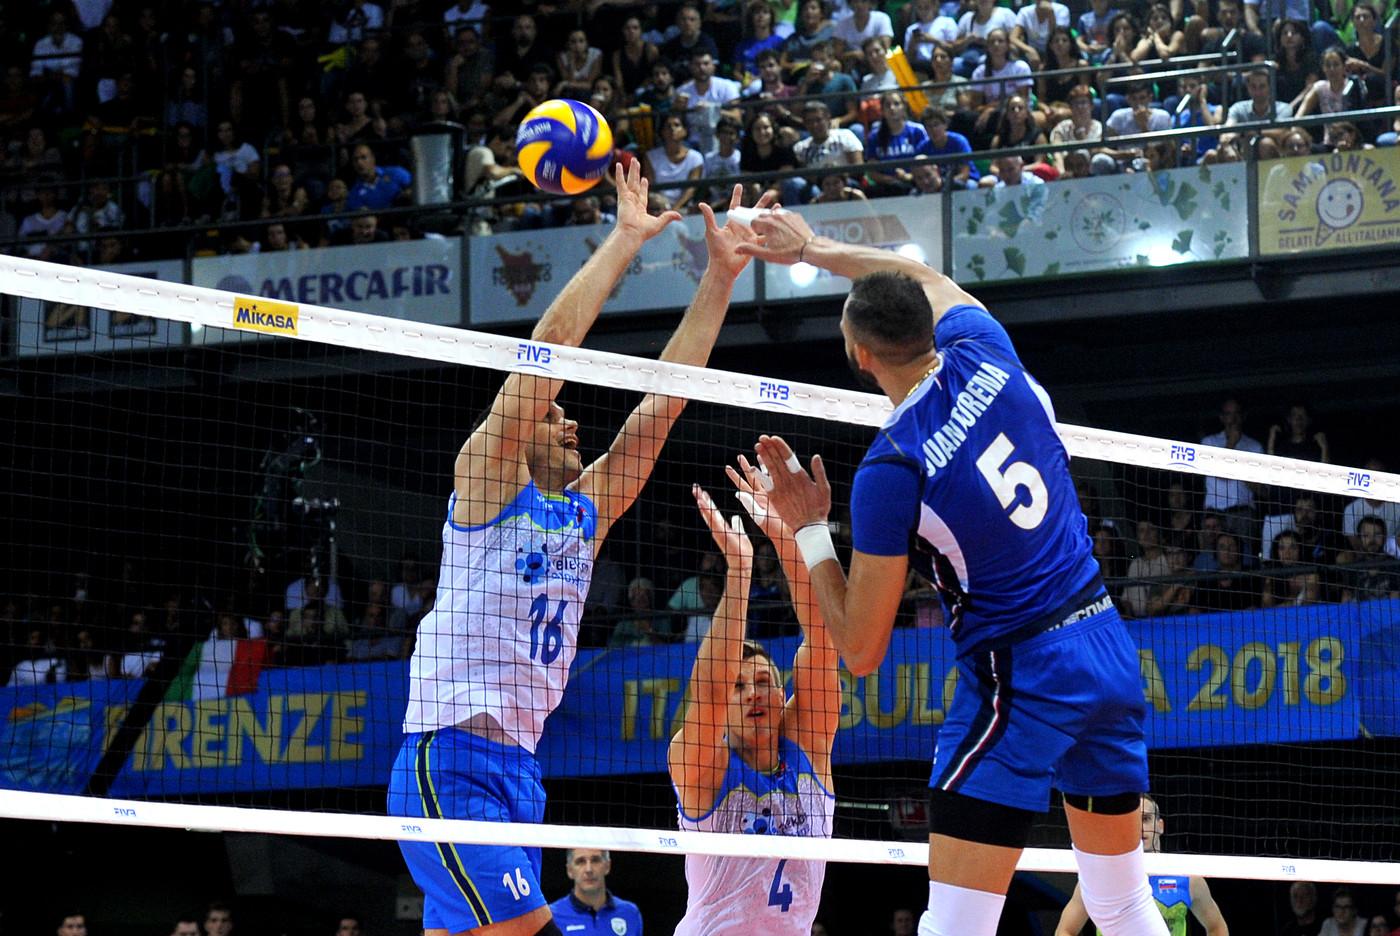 Mondiali di Volley, l'Italia fa il pieno. Battuta (3-1) la Slovenia